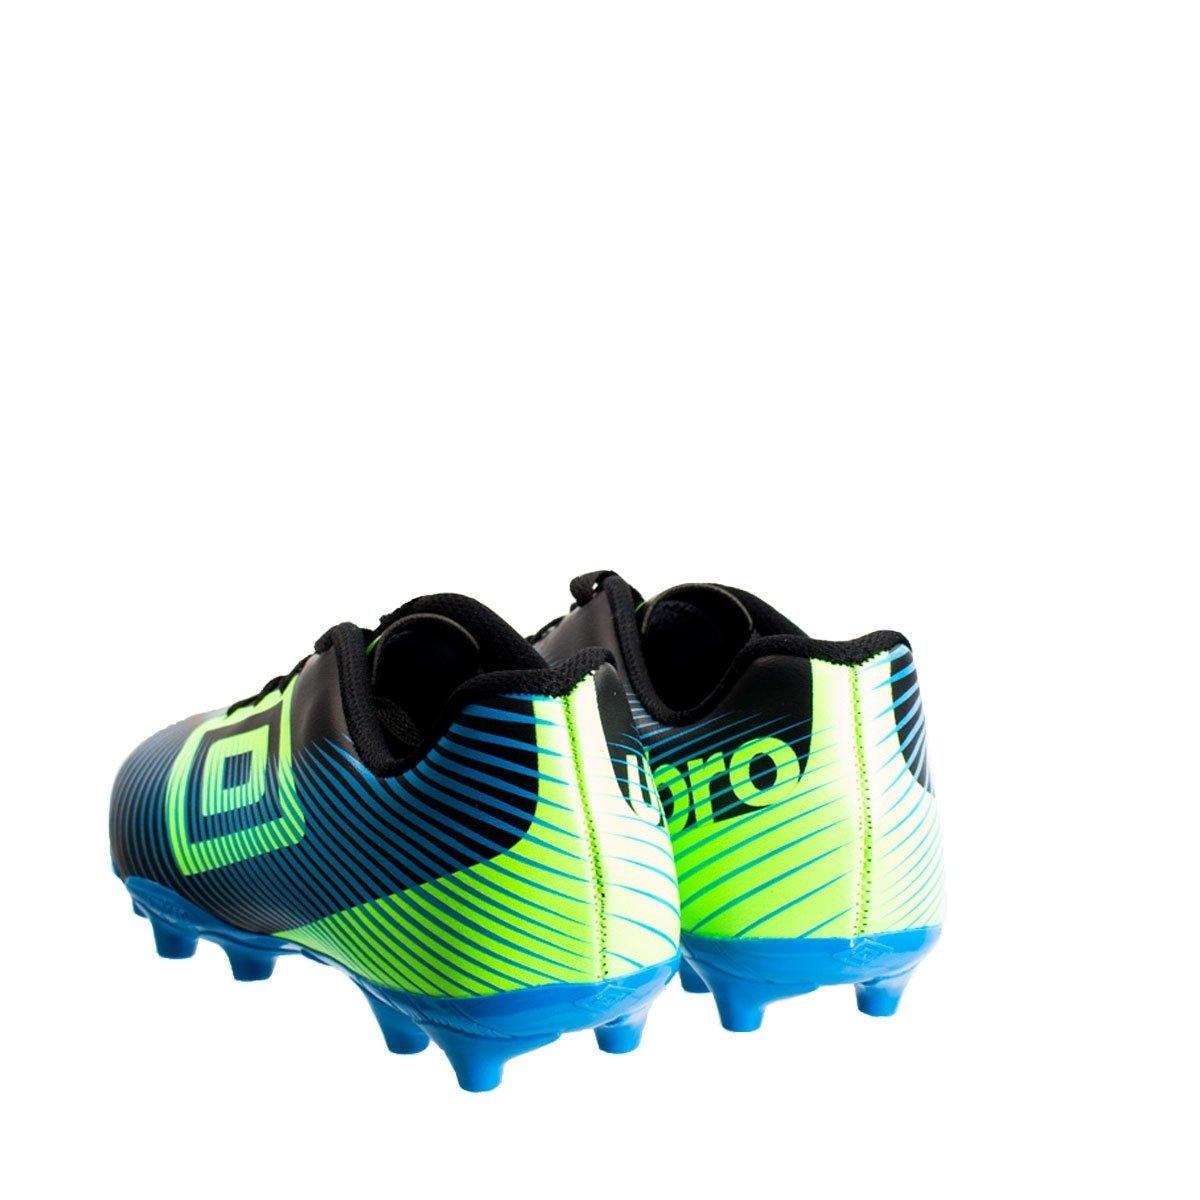 96ff2df5e9e26 ... Chuteira Infantil Futebol de Campo Umbro Speed II JR 0f80014 ...